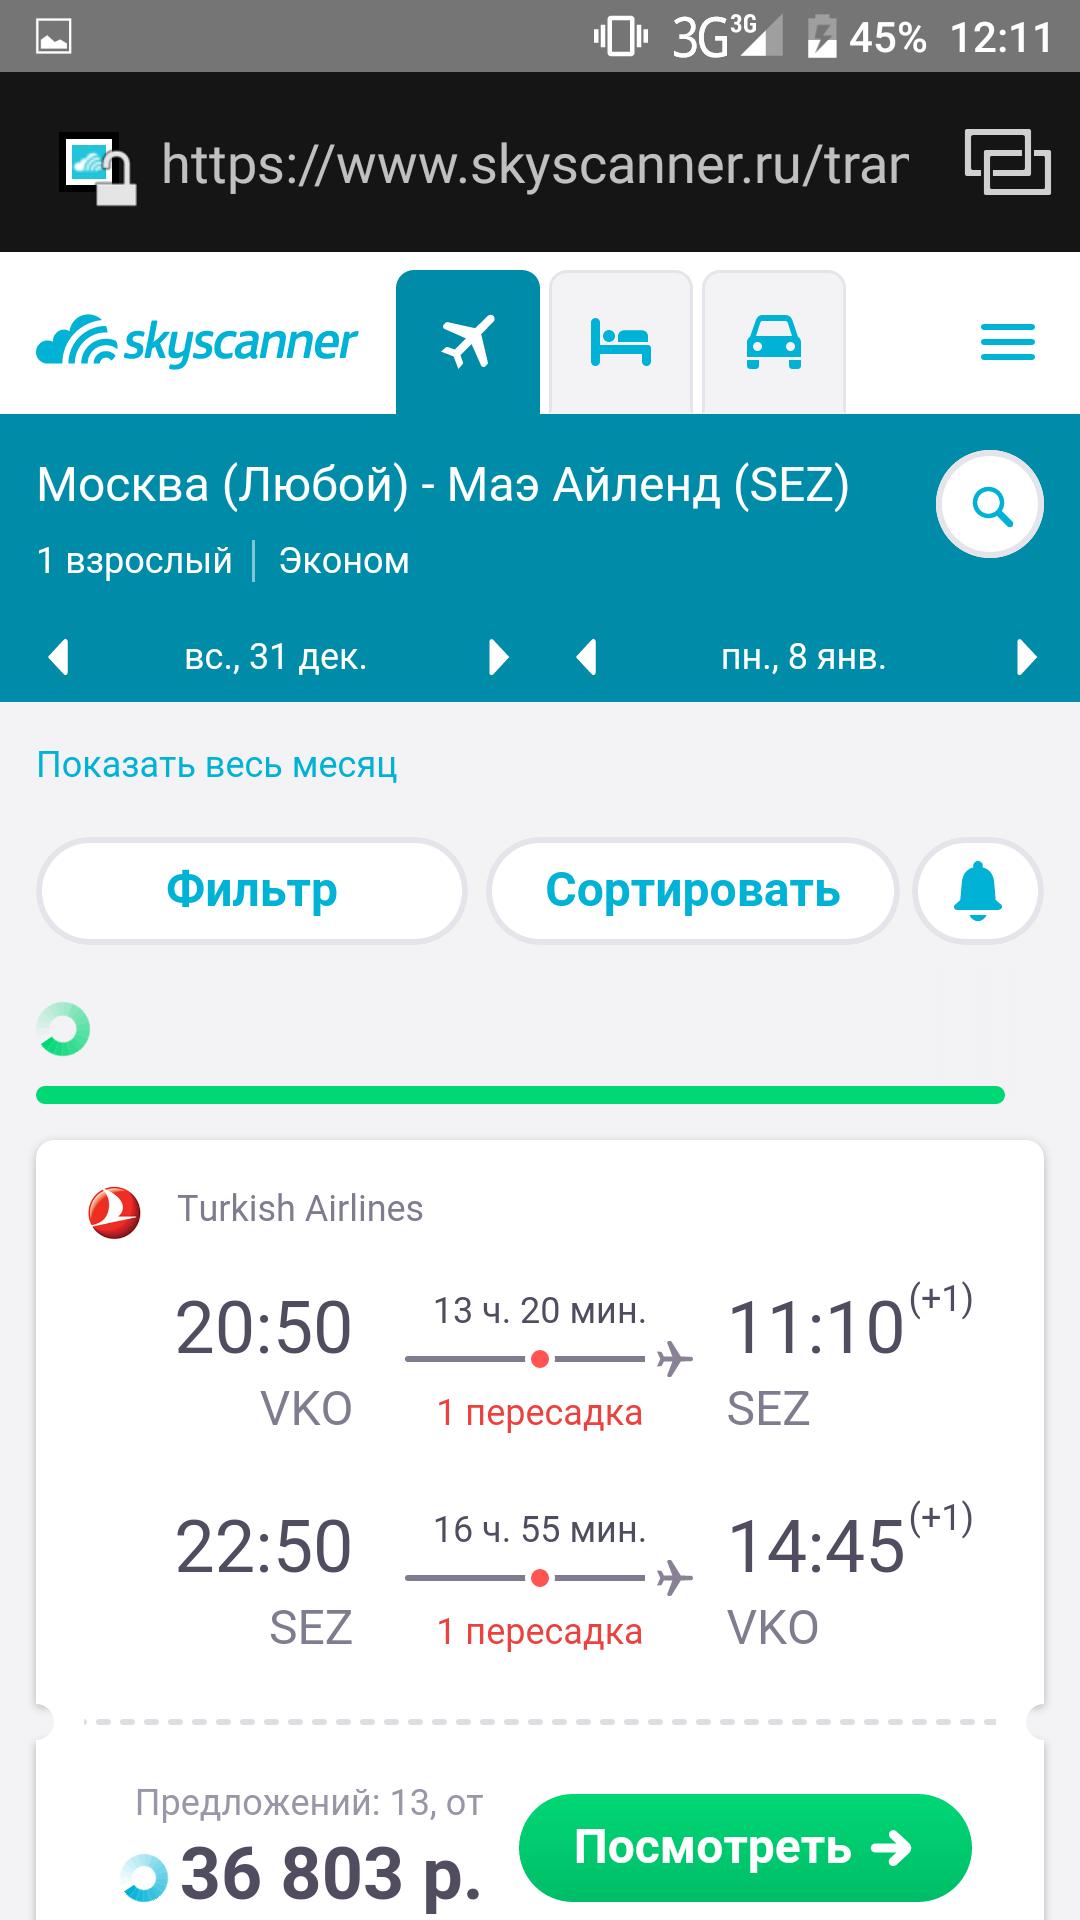 Сейшелы авиабилет акция купить авиабилеты уральские авиалинии официальный сайт акции на билеты 2015